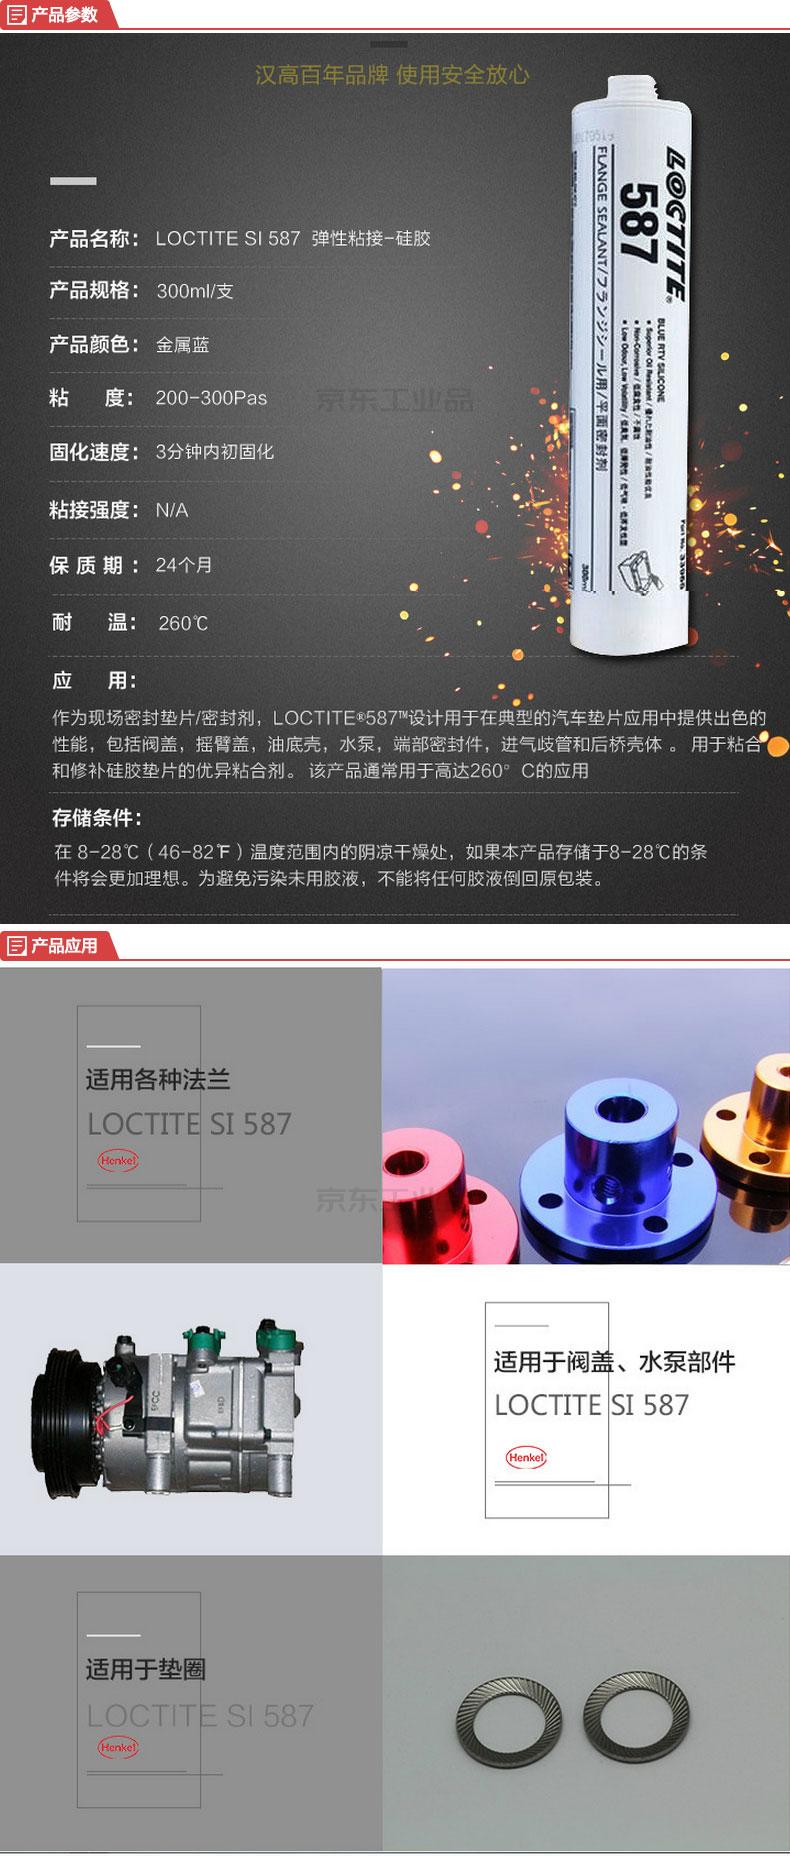 汉高 乐泰(LOCTITE) 蓝色耐油型法兰密封胶300ml,10支/盒,5盒/箱;587